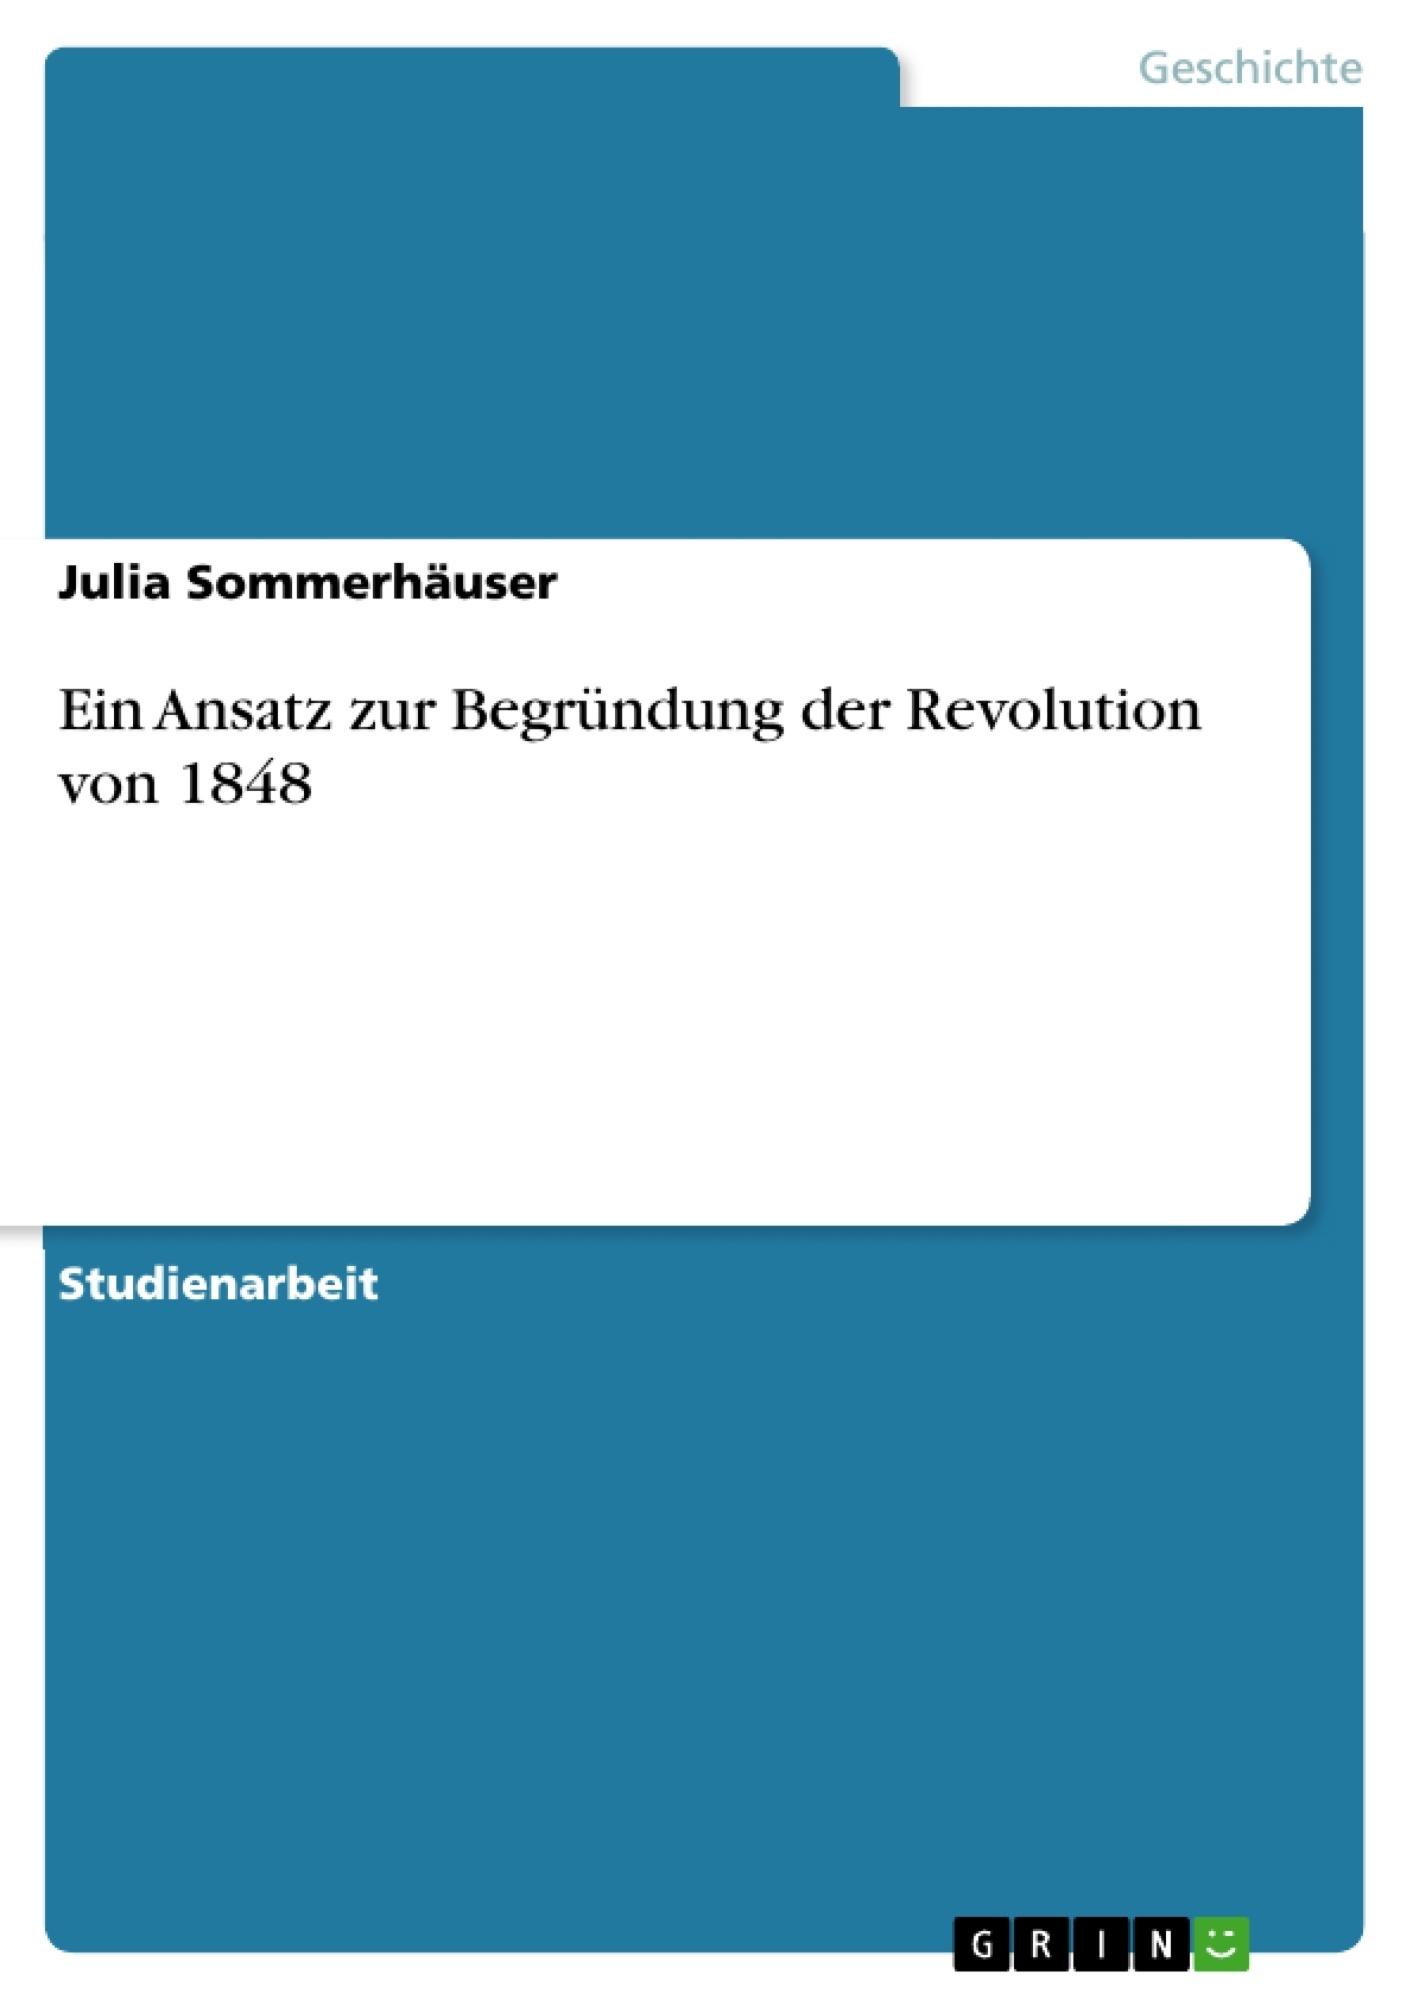 Titel: Ein Ansatz zur Begründung der Revolution von 1848